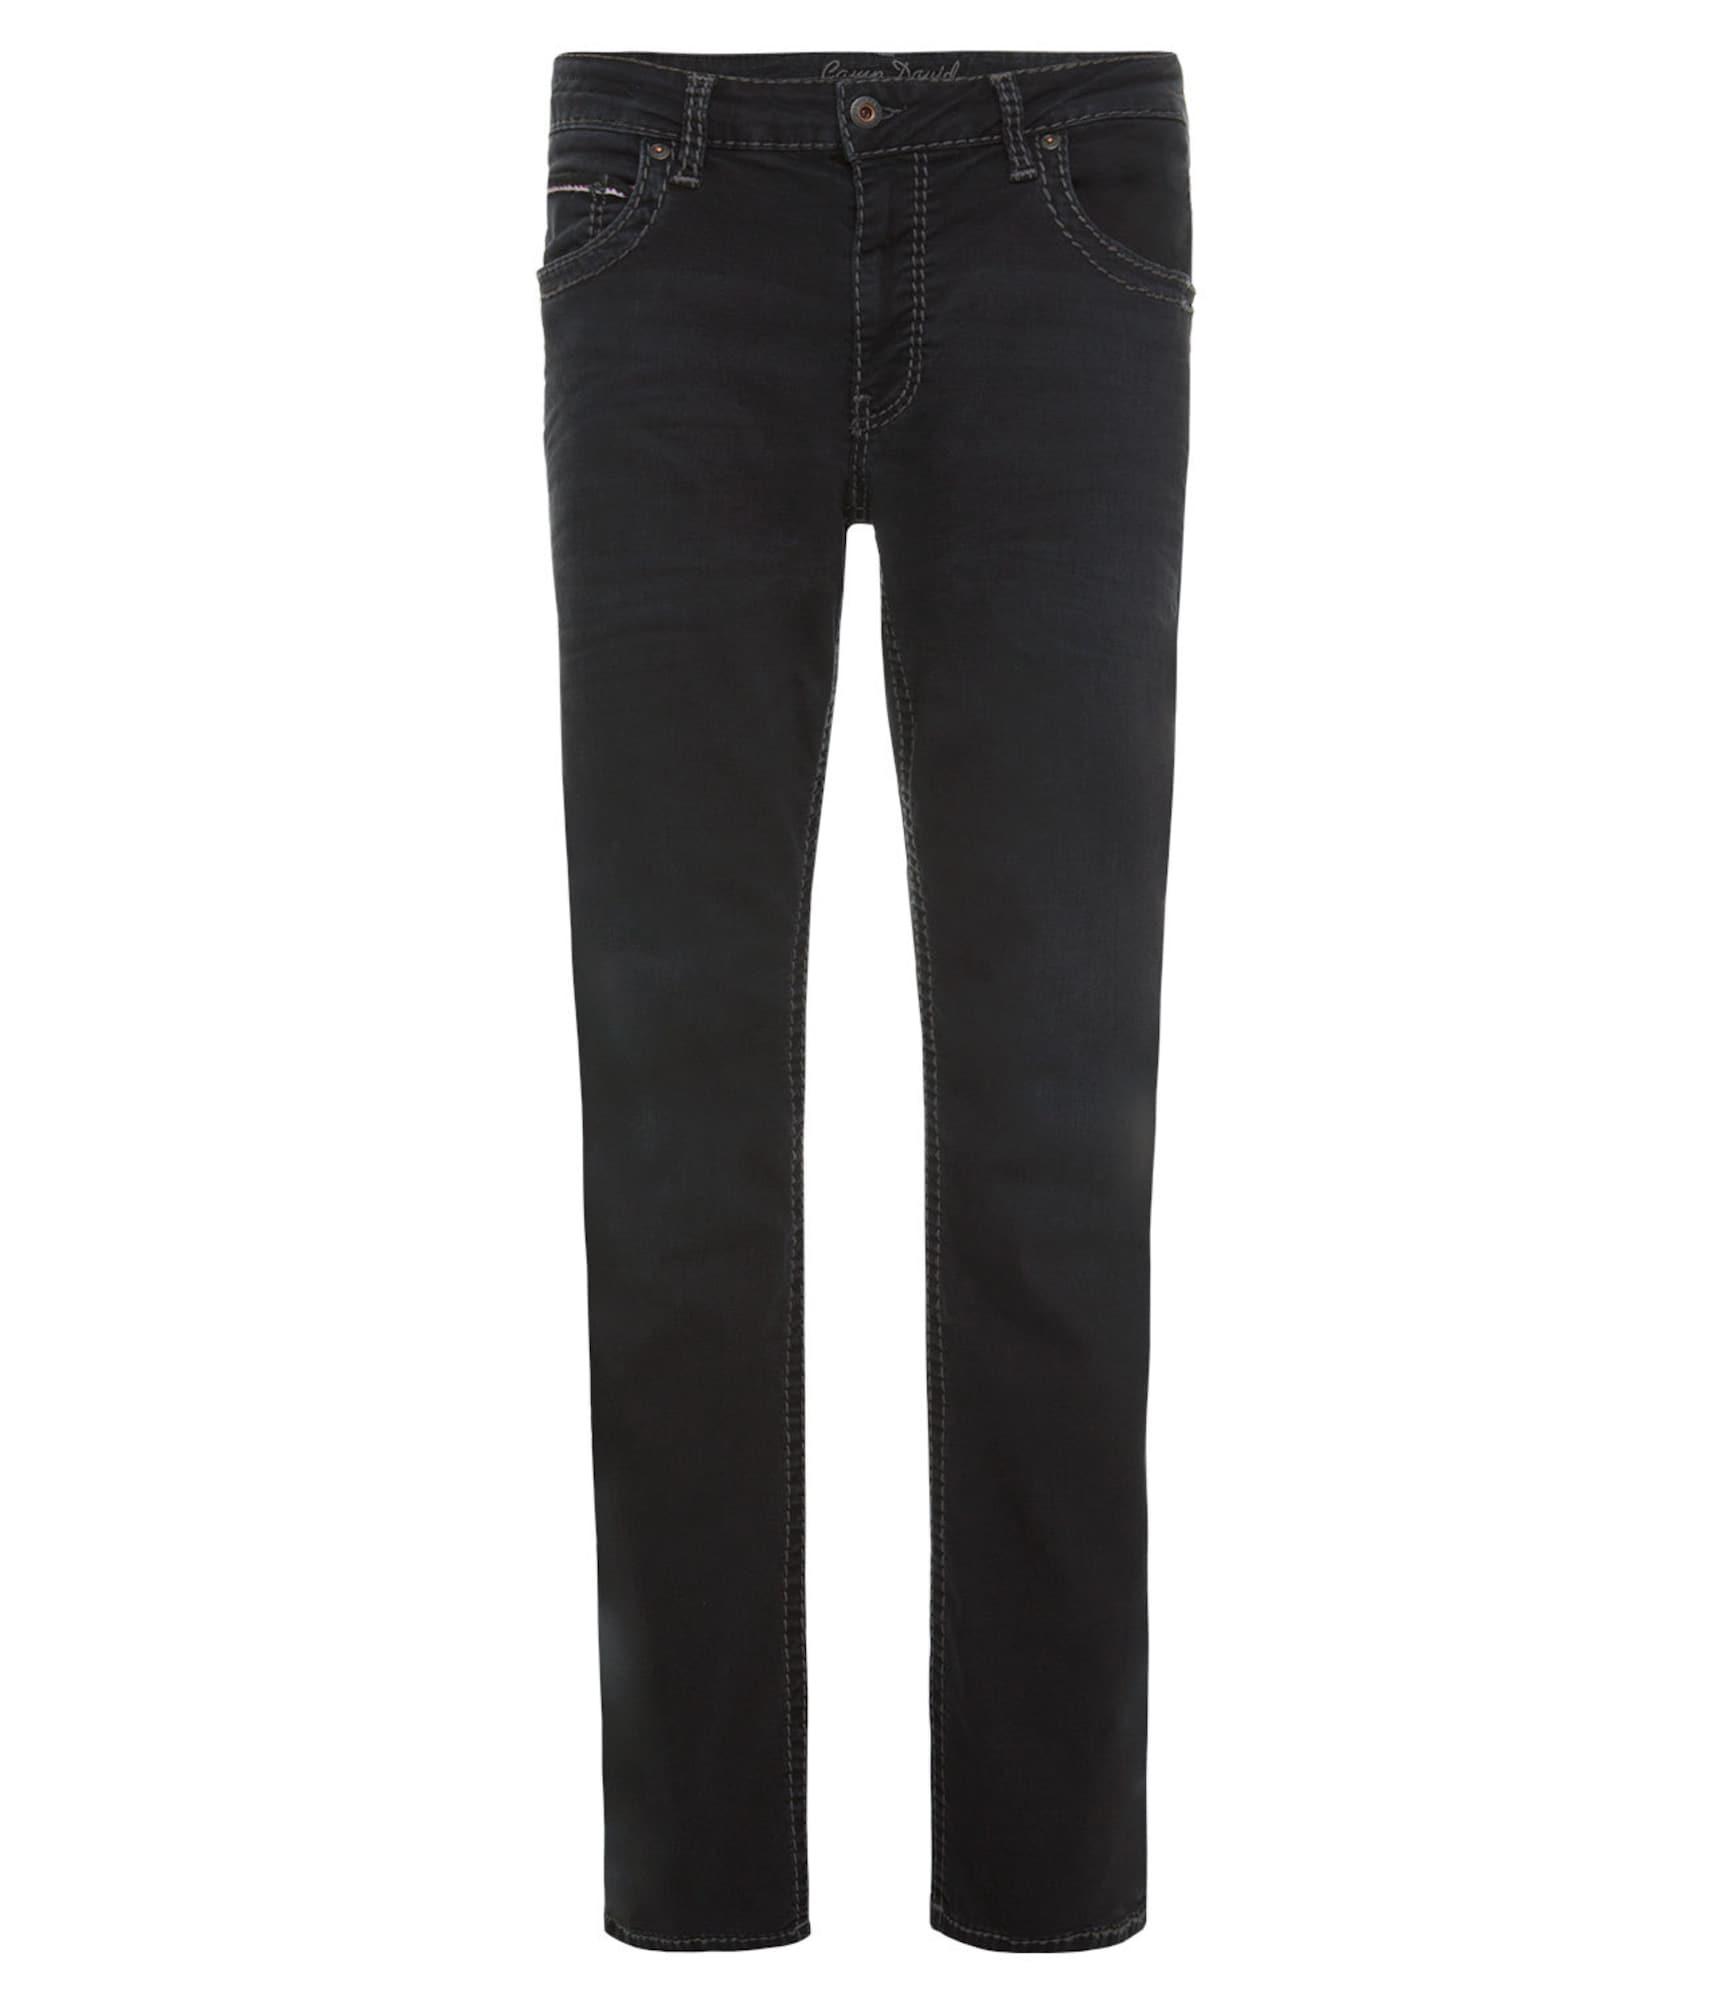 CAMP DAVID Džinsai juodo džinso spalva